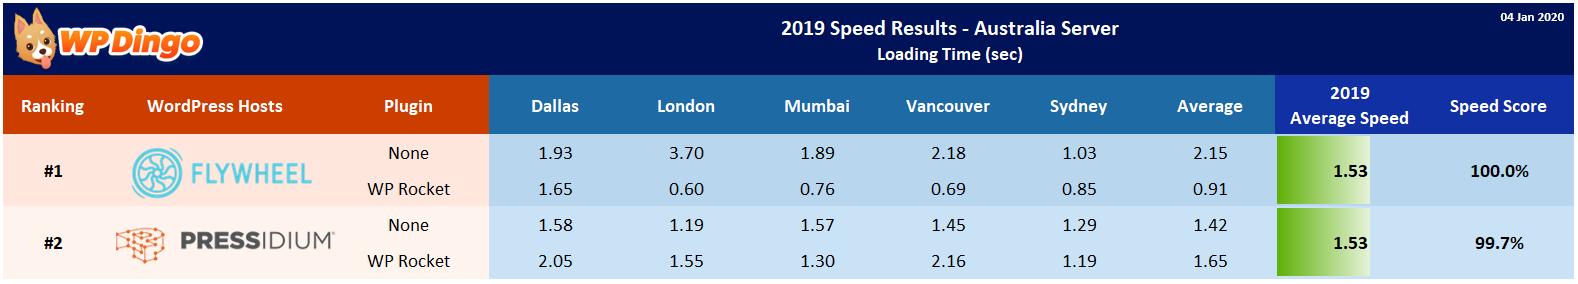 2019 Flywheel vs Pressidium Speed Table - Australia Server